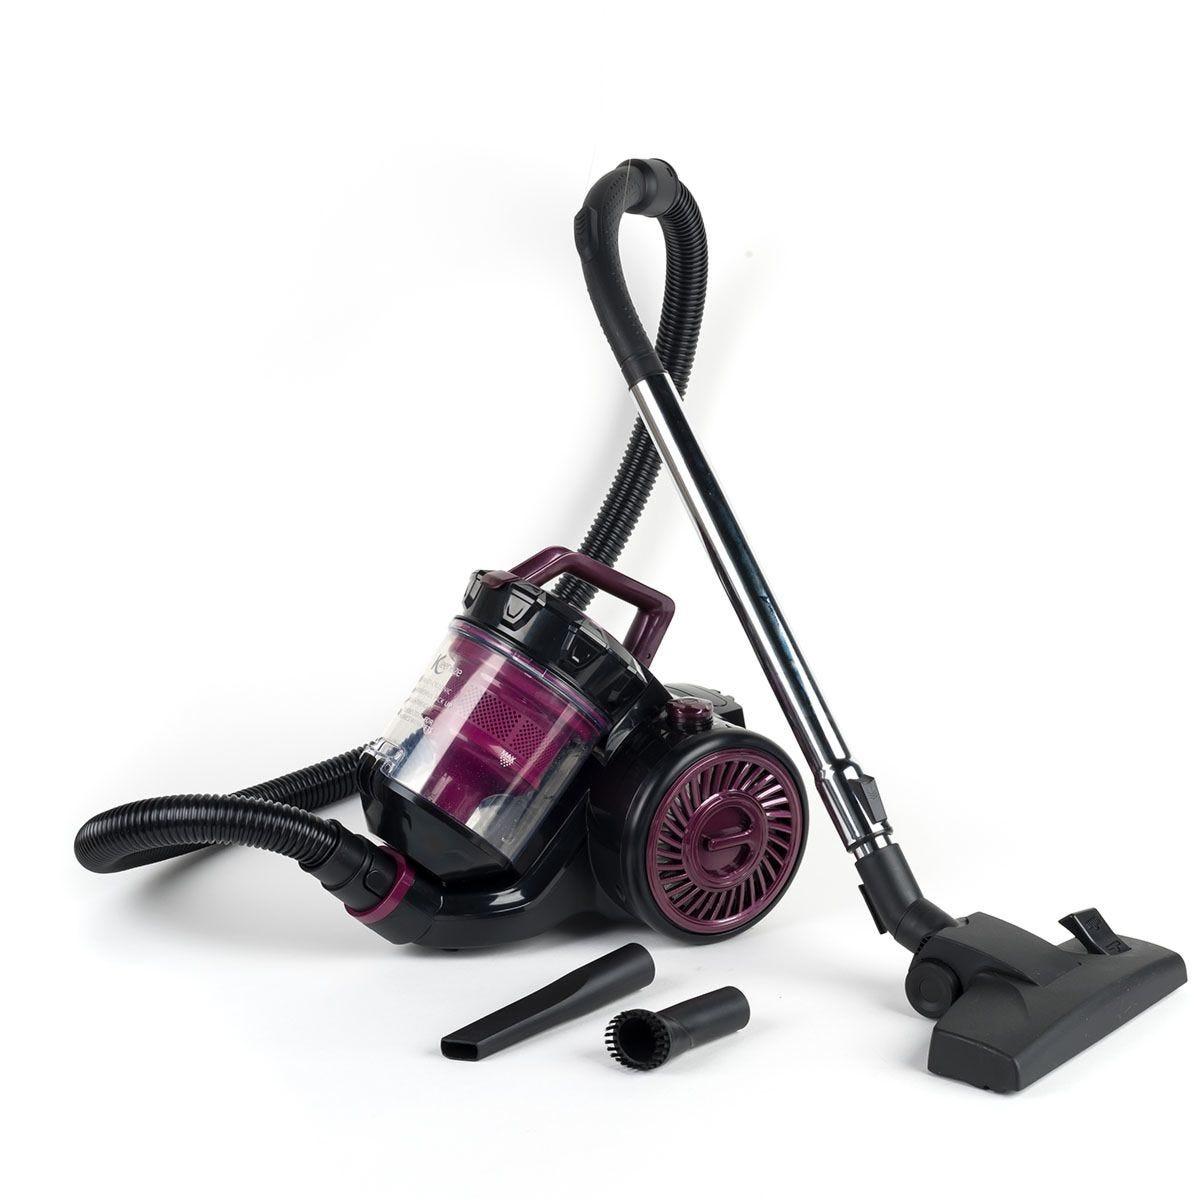 Kleeneze KL0812 Turbo Pet Cylinder Vacuum Cleaner - Purple & Black